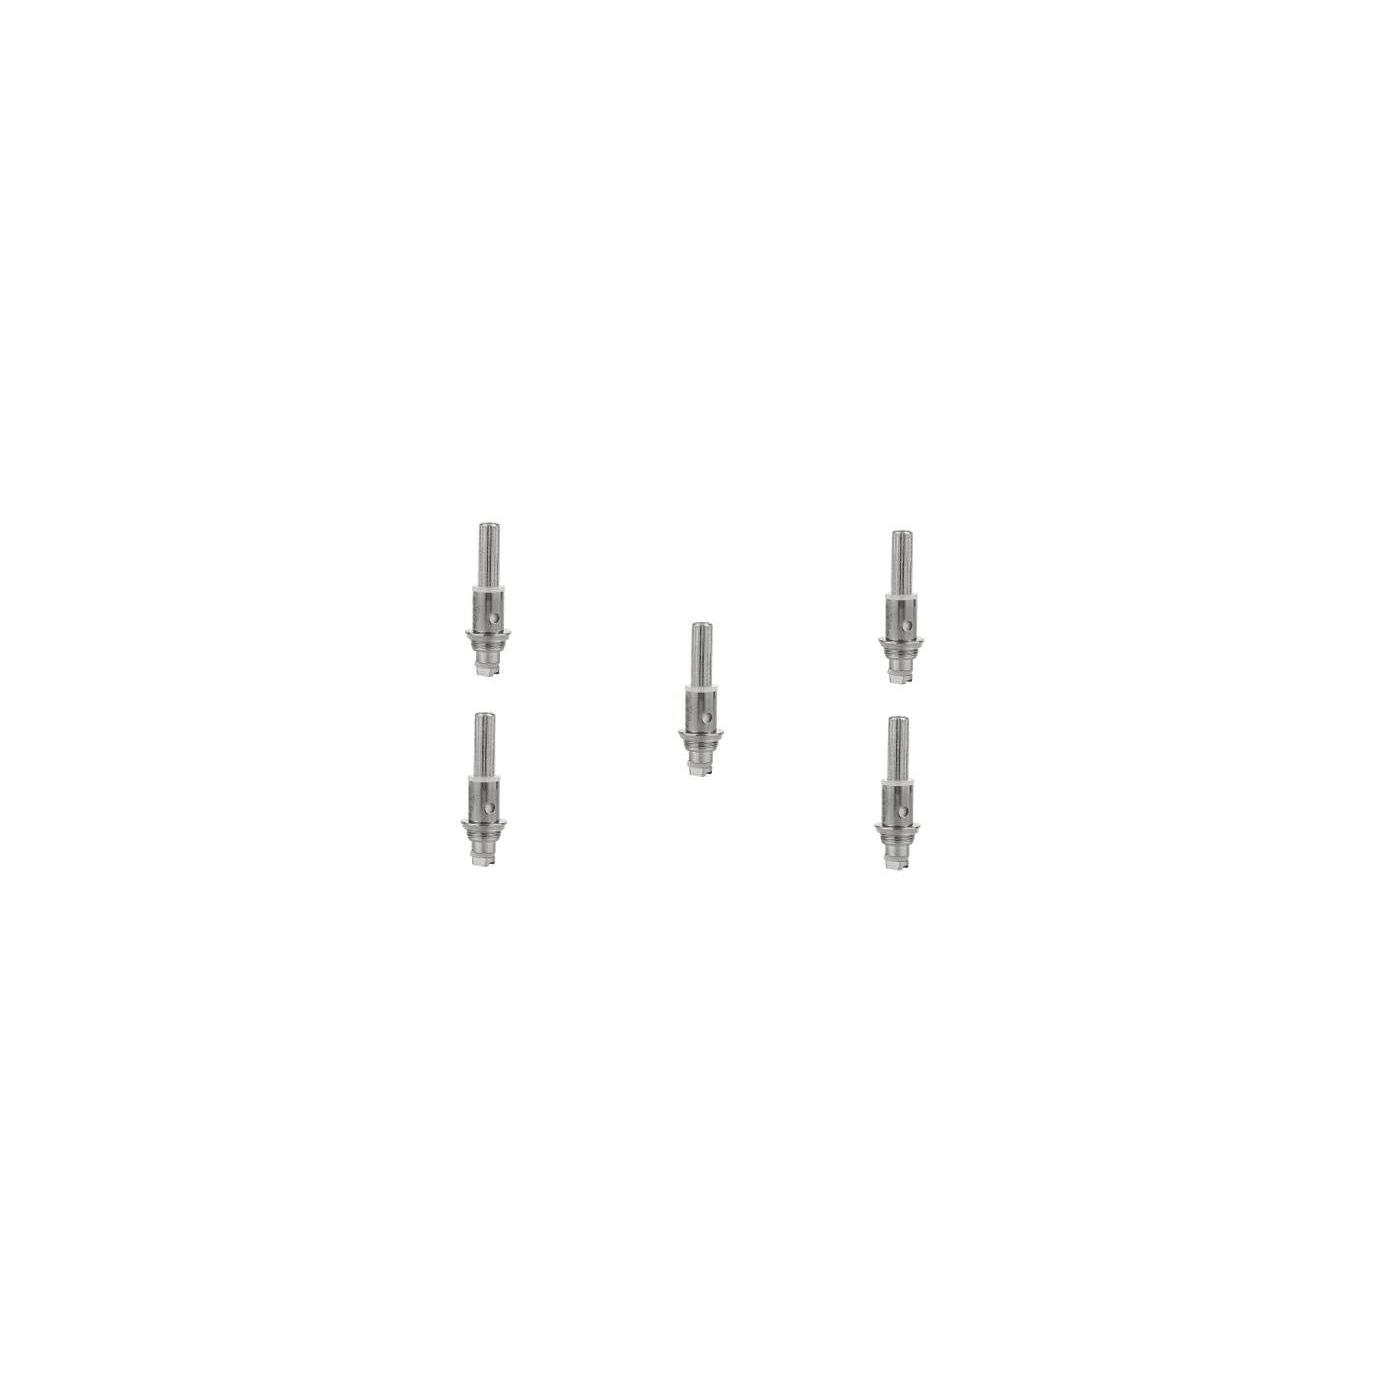 Kanger Premium VOCC Replacement Coil - 5 pack